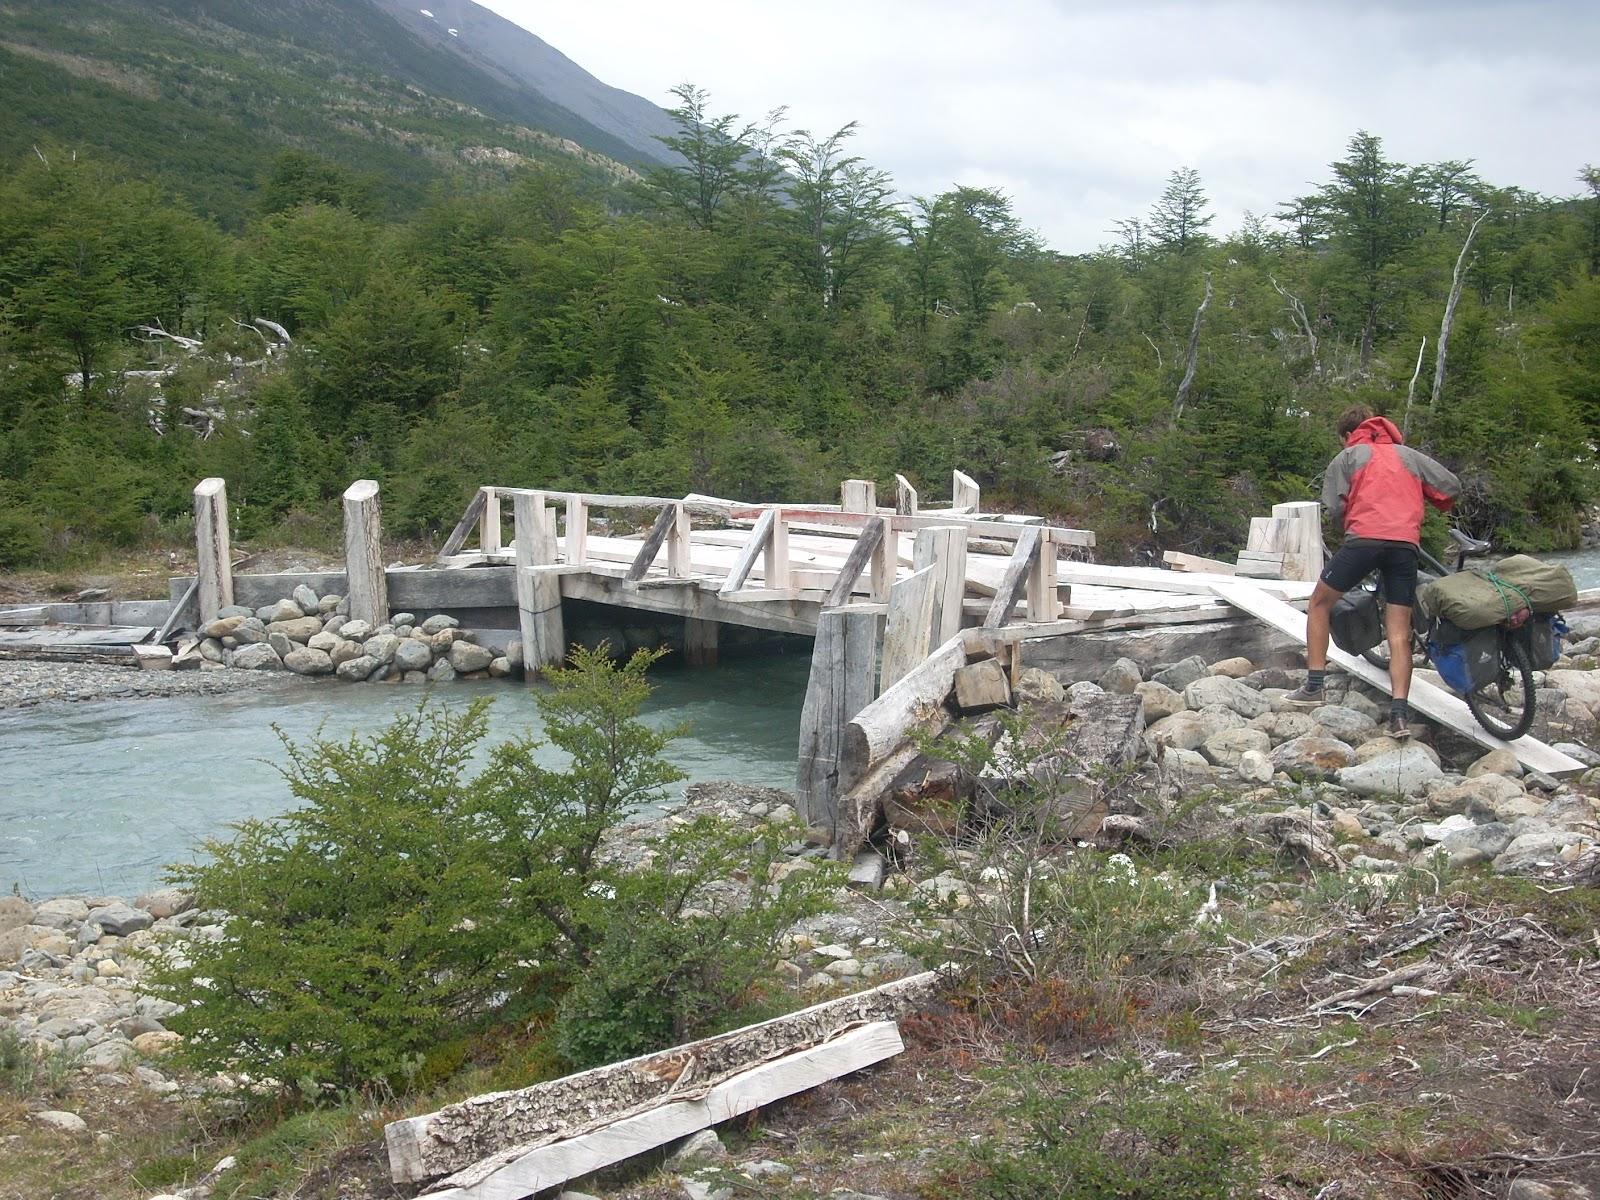 This was a good bridge